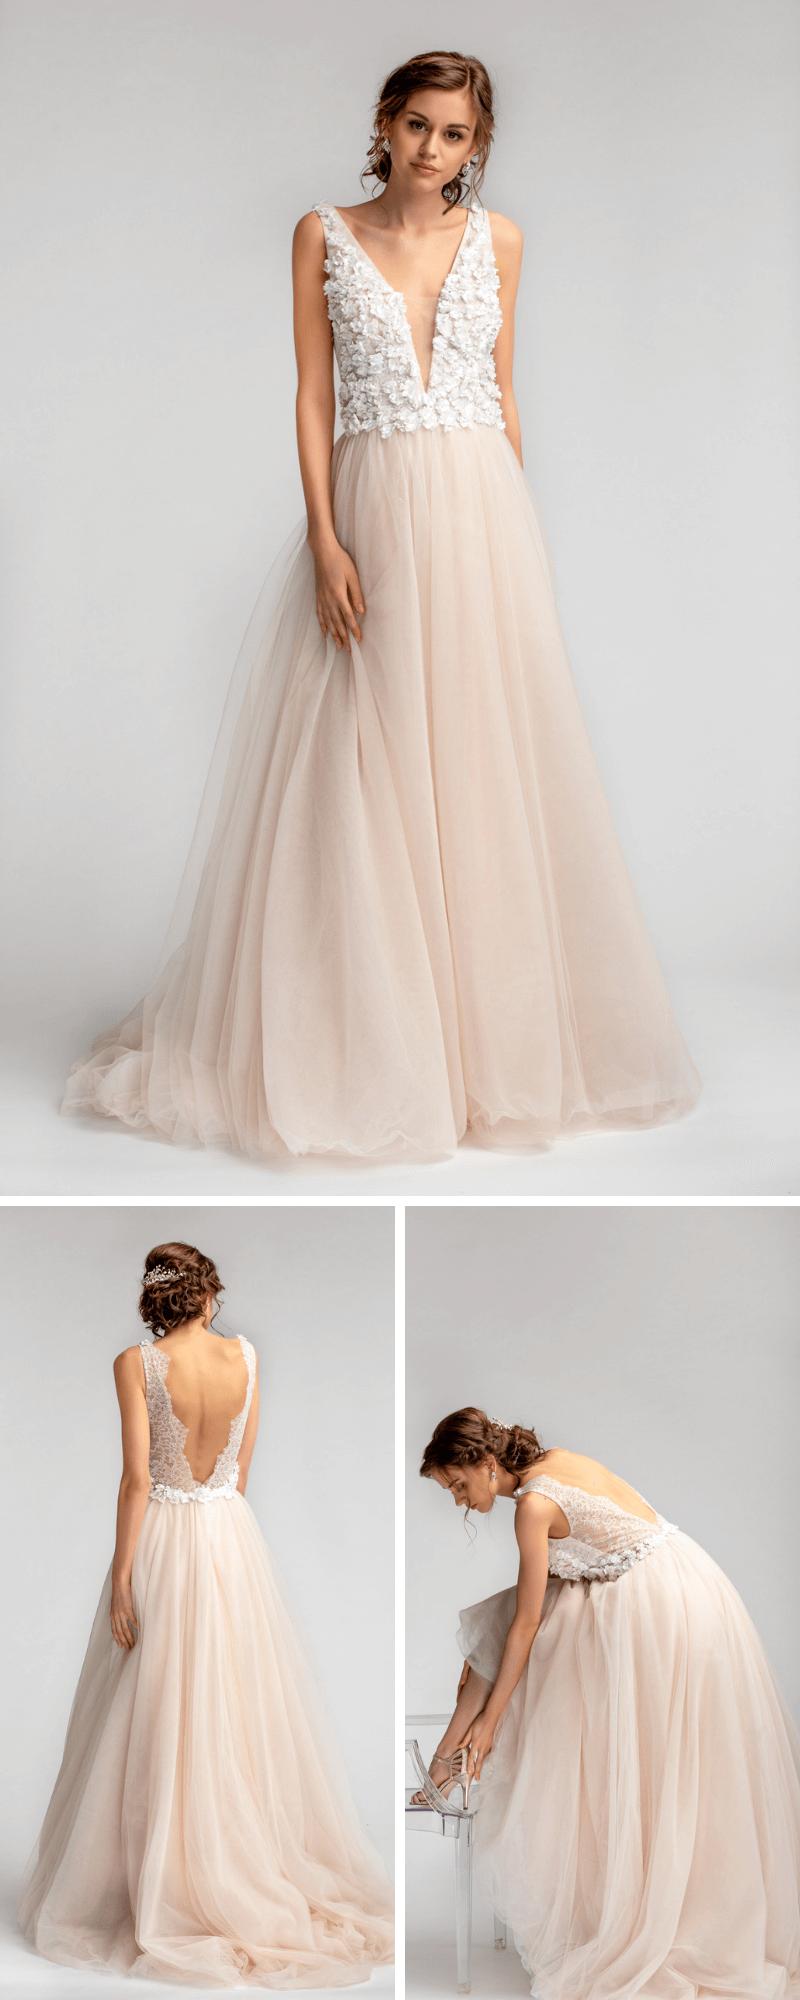 Fein und luftig: Brautkleider Trends für jeden Brauttyp